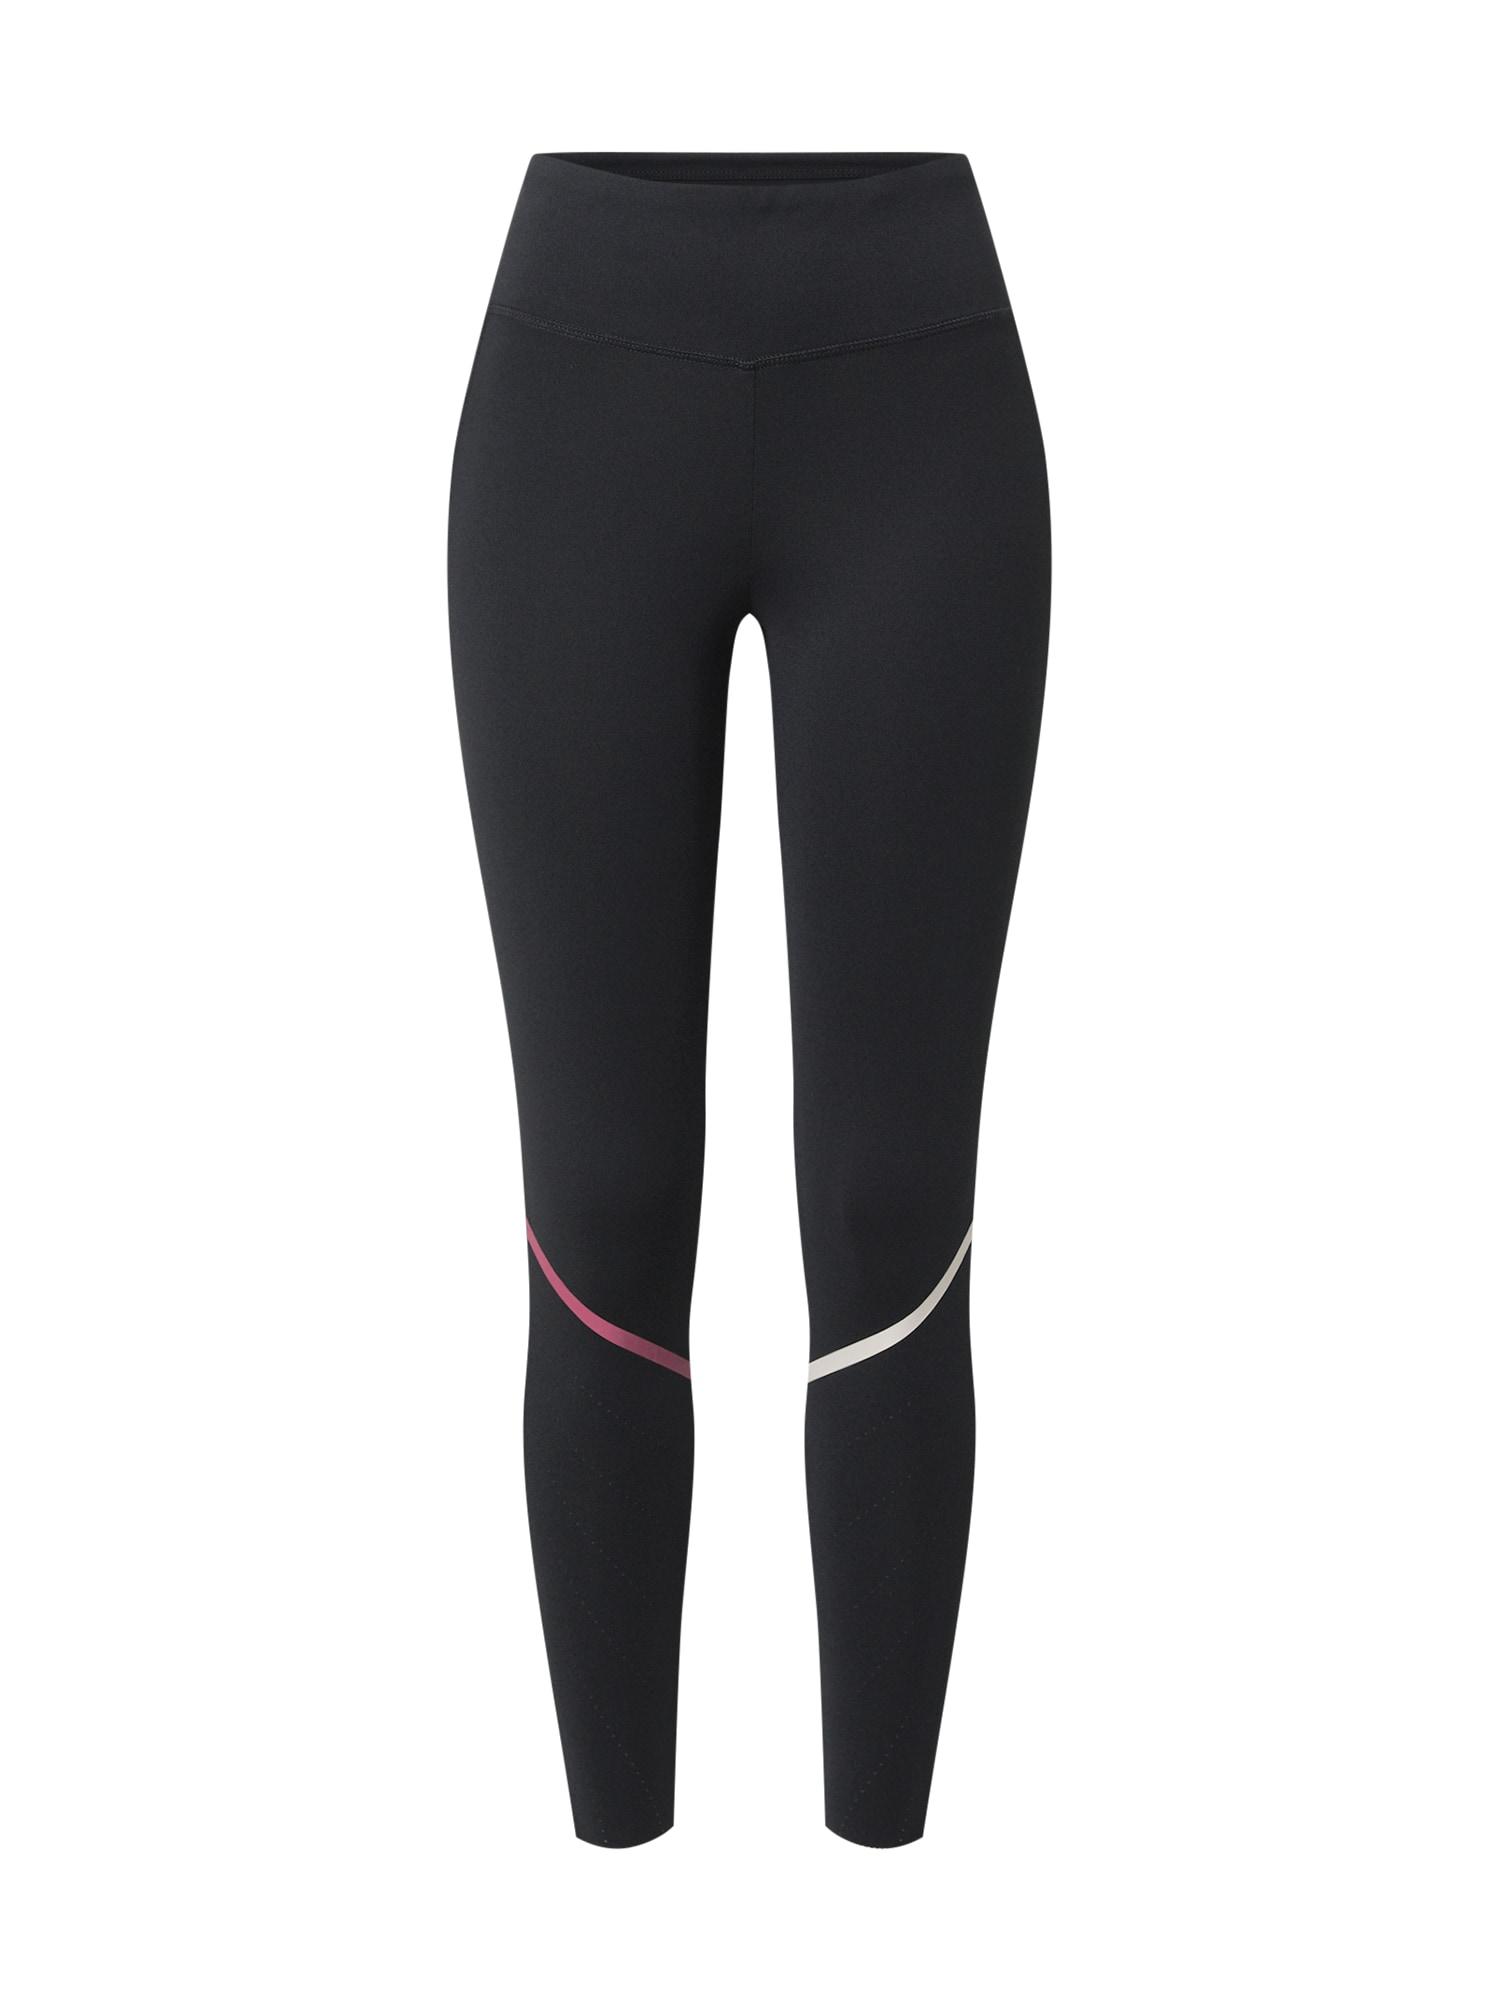 ESPRIT SPORT Sportinės kelnės juoda / rožinė / balta